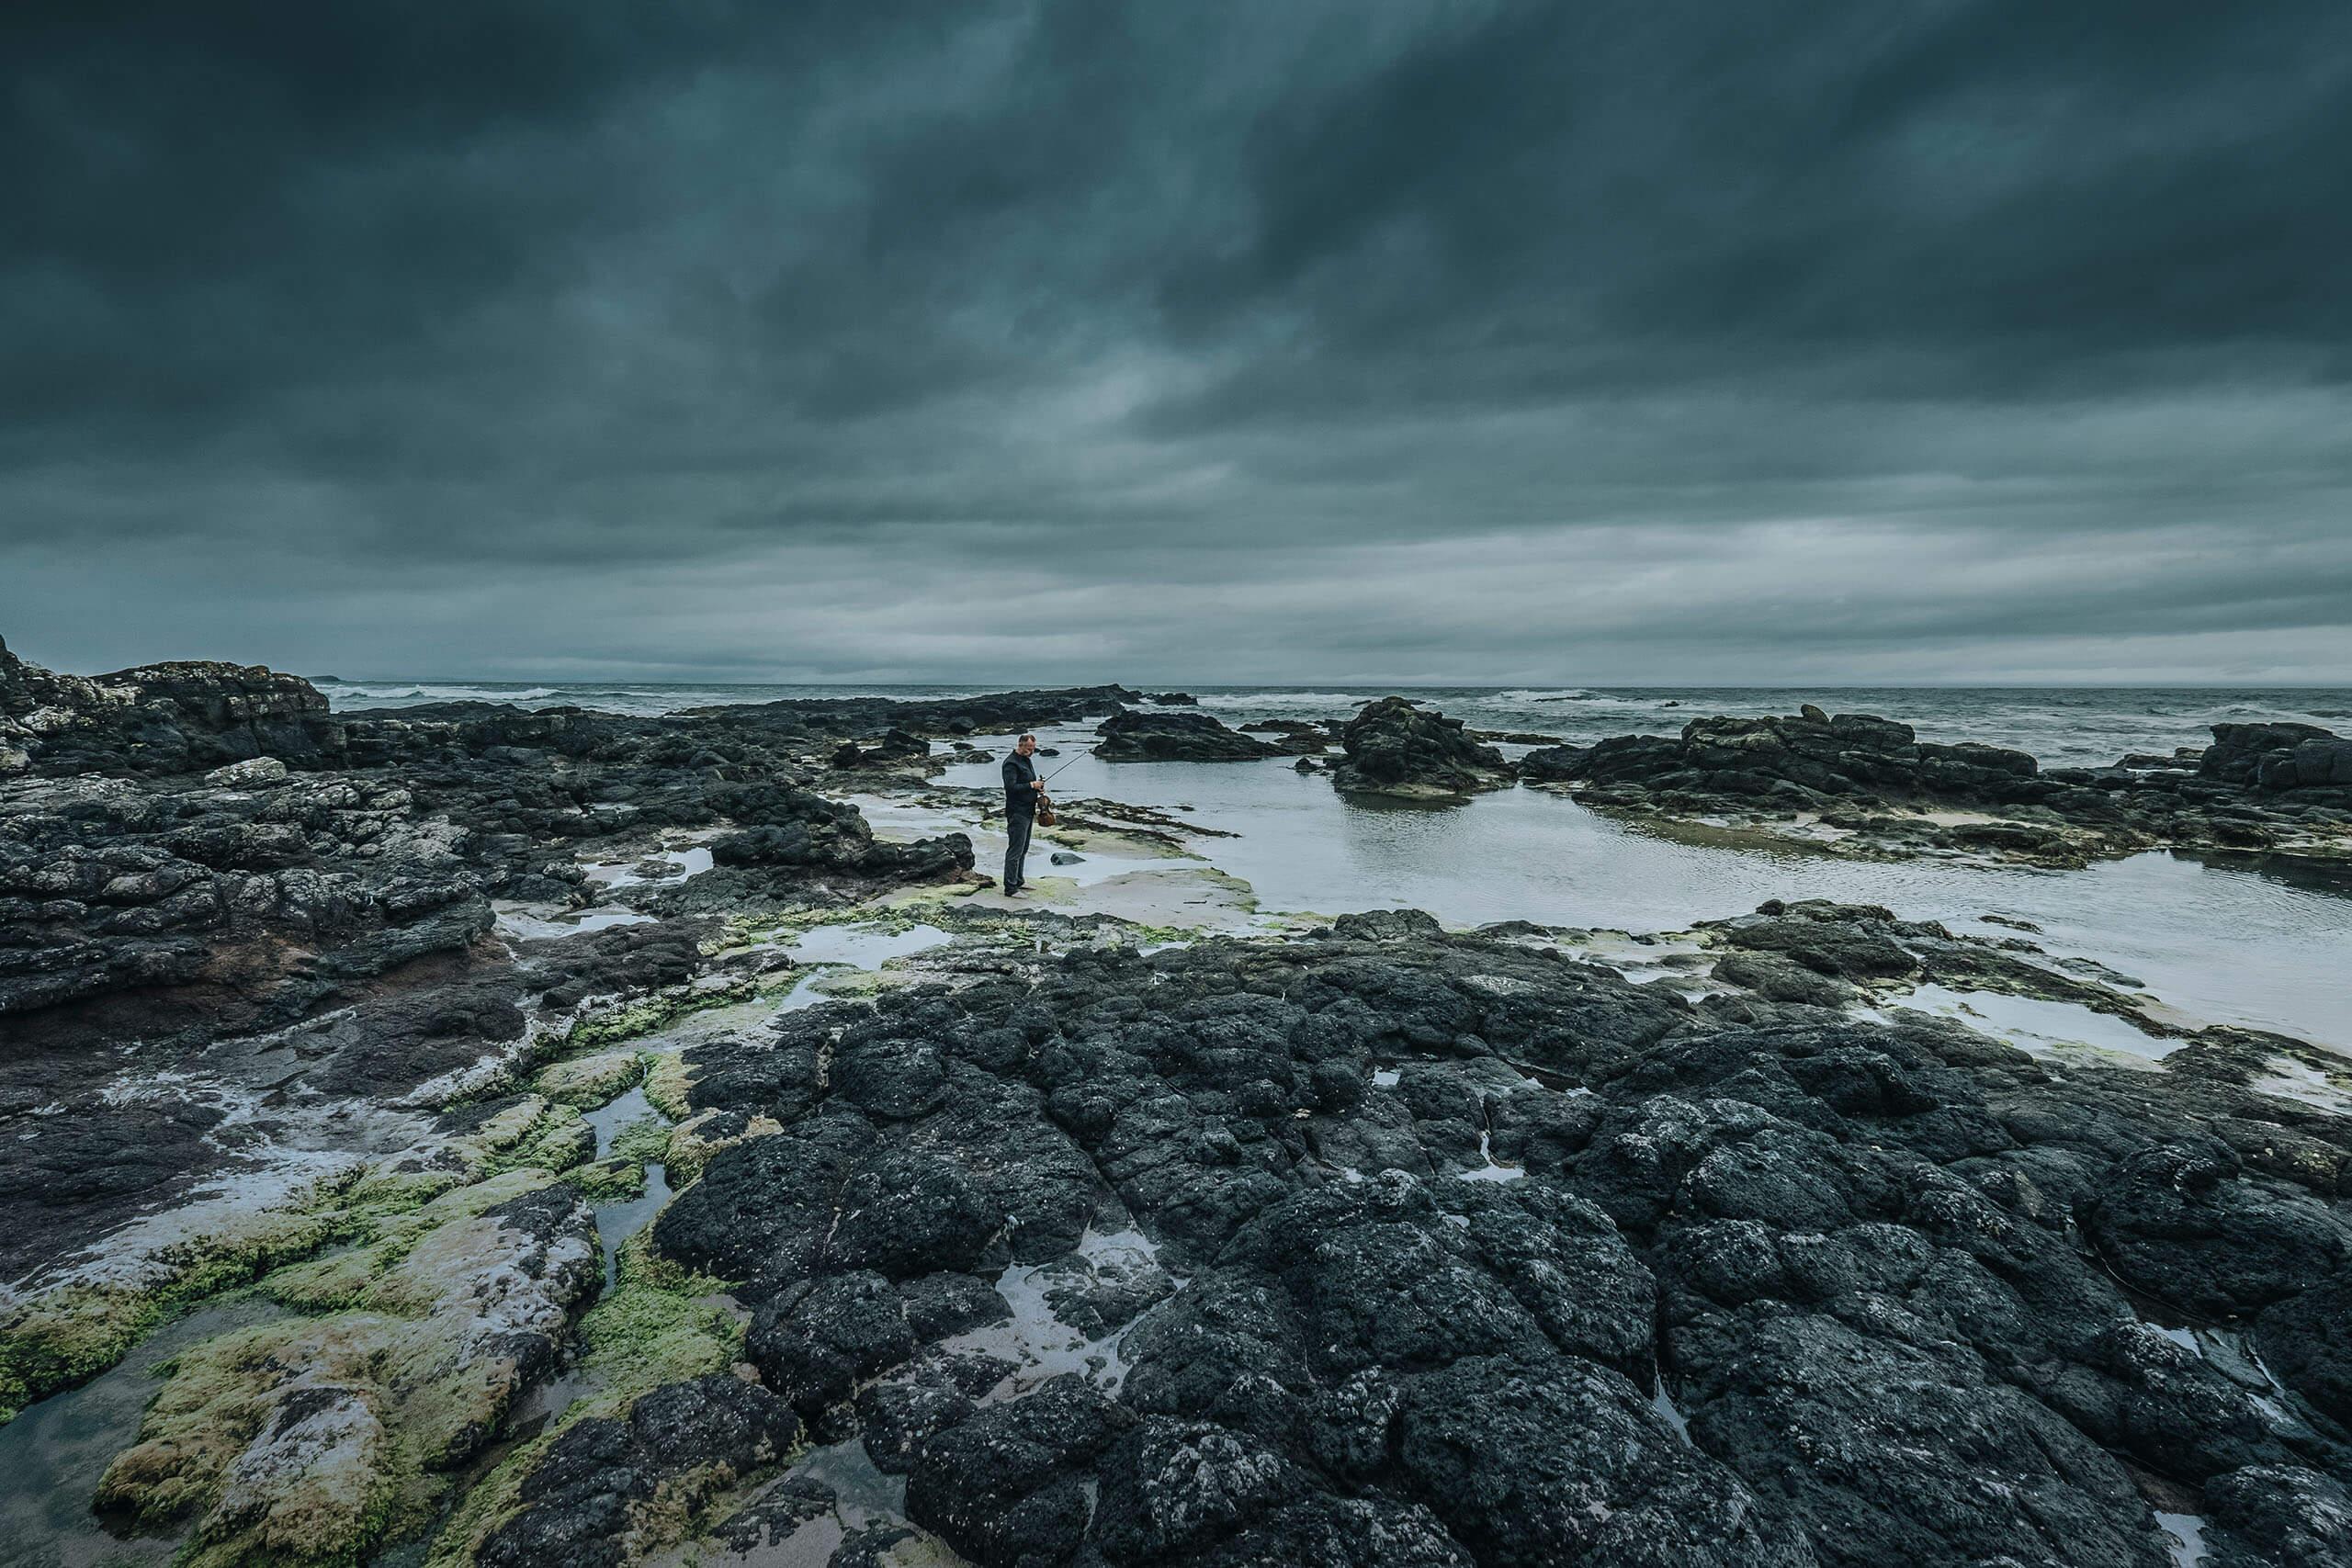 landschapsfoto ierland artiestenfotografie Frank van Essen Violist artiest